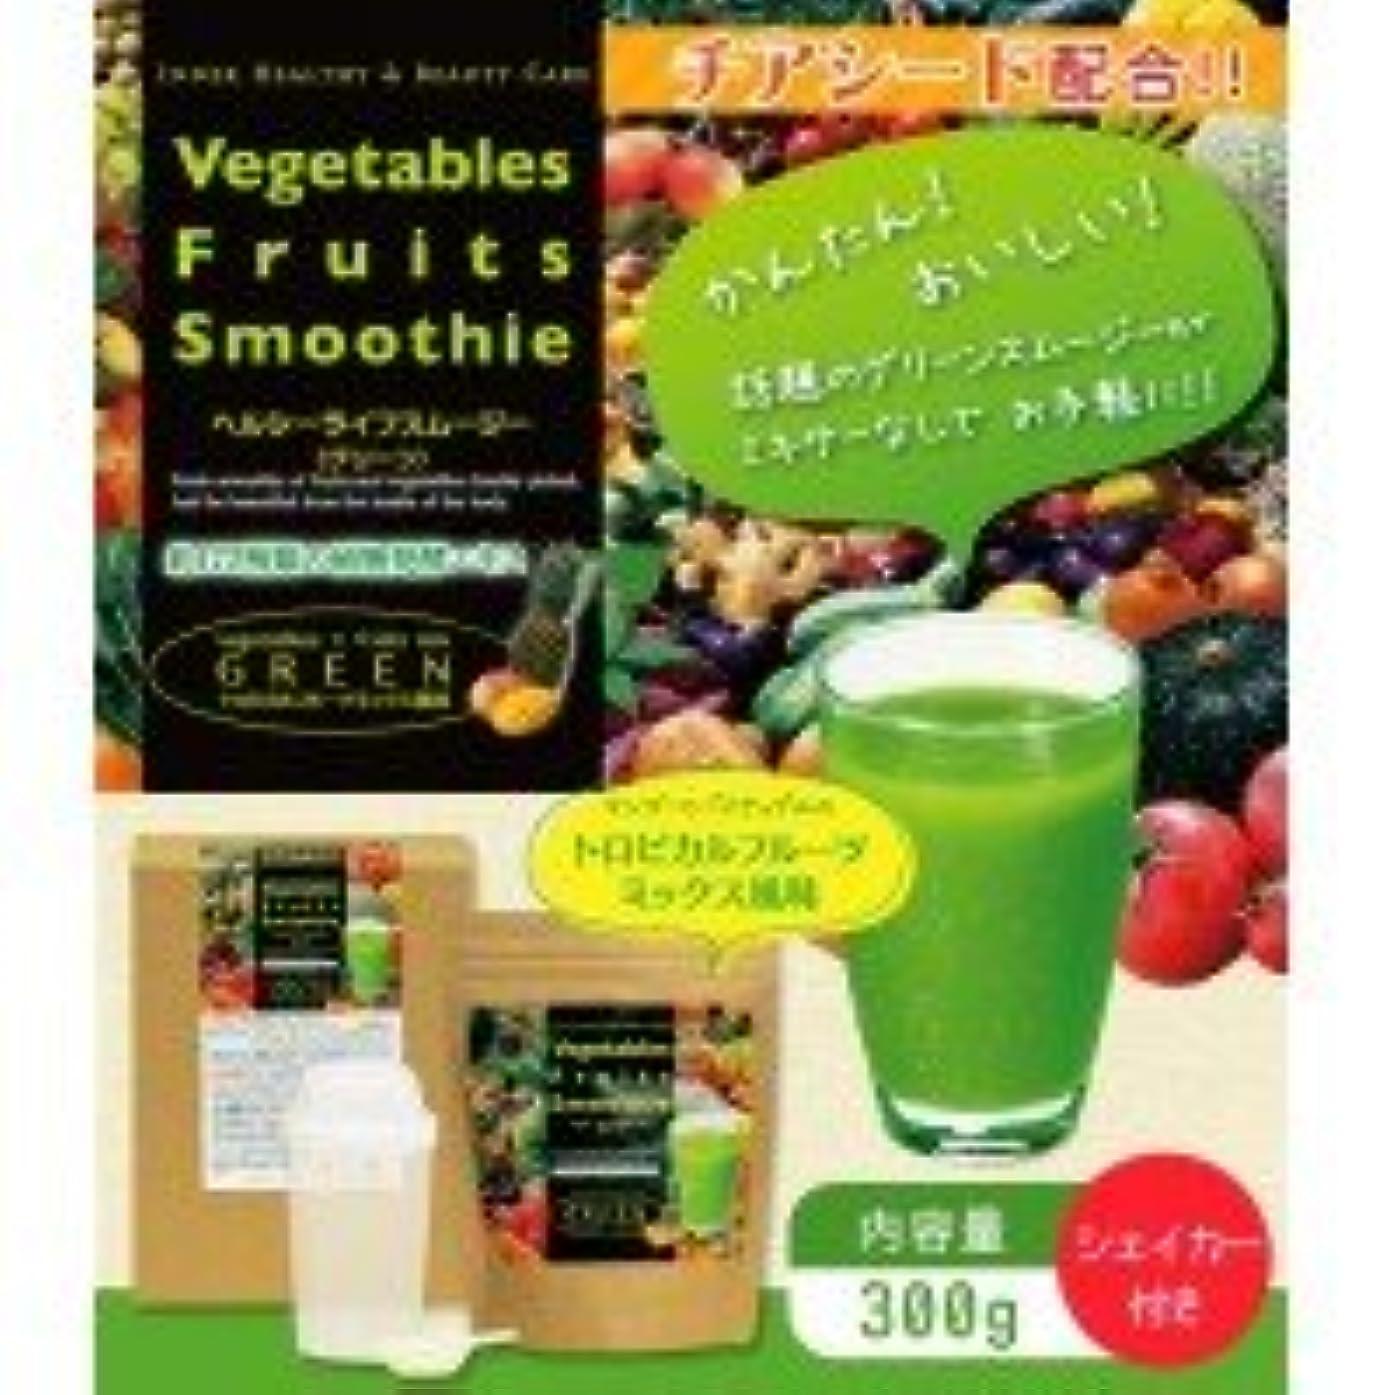 カフェ目立つハードリングVegetables Fruits Smoothie ヘルシーライフスムージー(グリーン)トロピカルフルーツミックス味(300g シェイカー付) 日本製